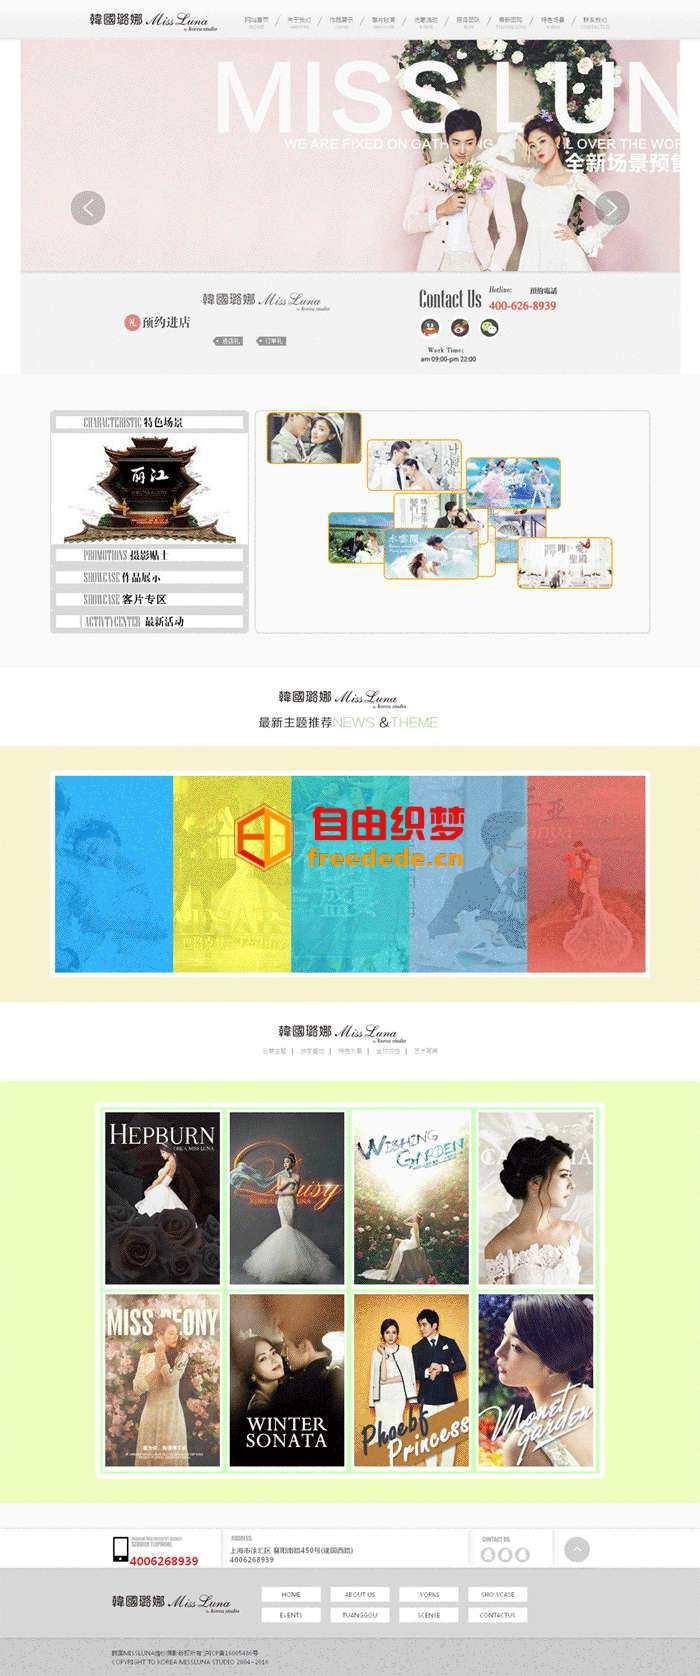 爱上源码网文章大气浪漫的摄影婚纱网站模板html下载的内容插图